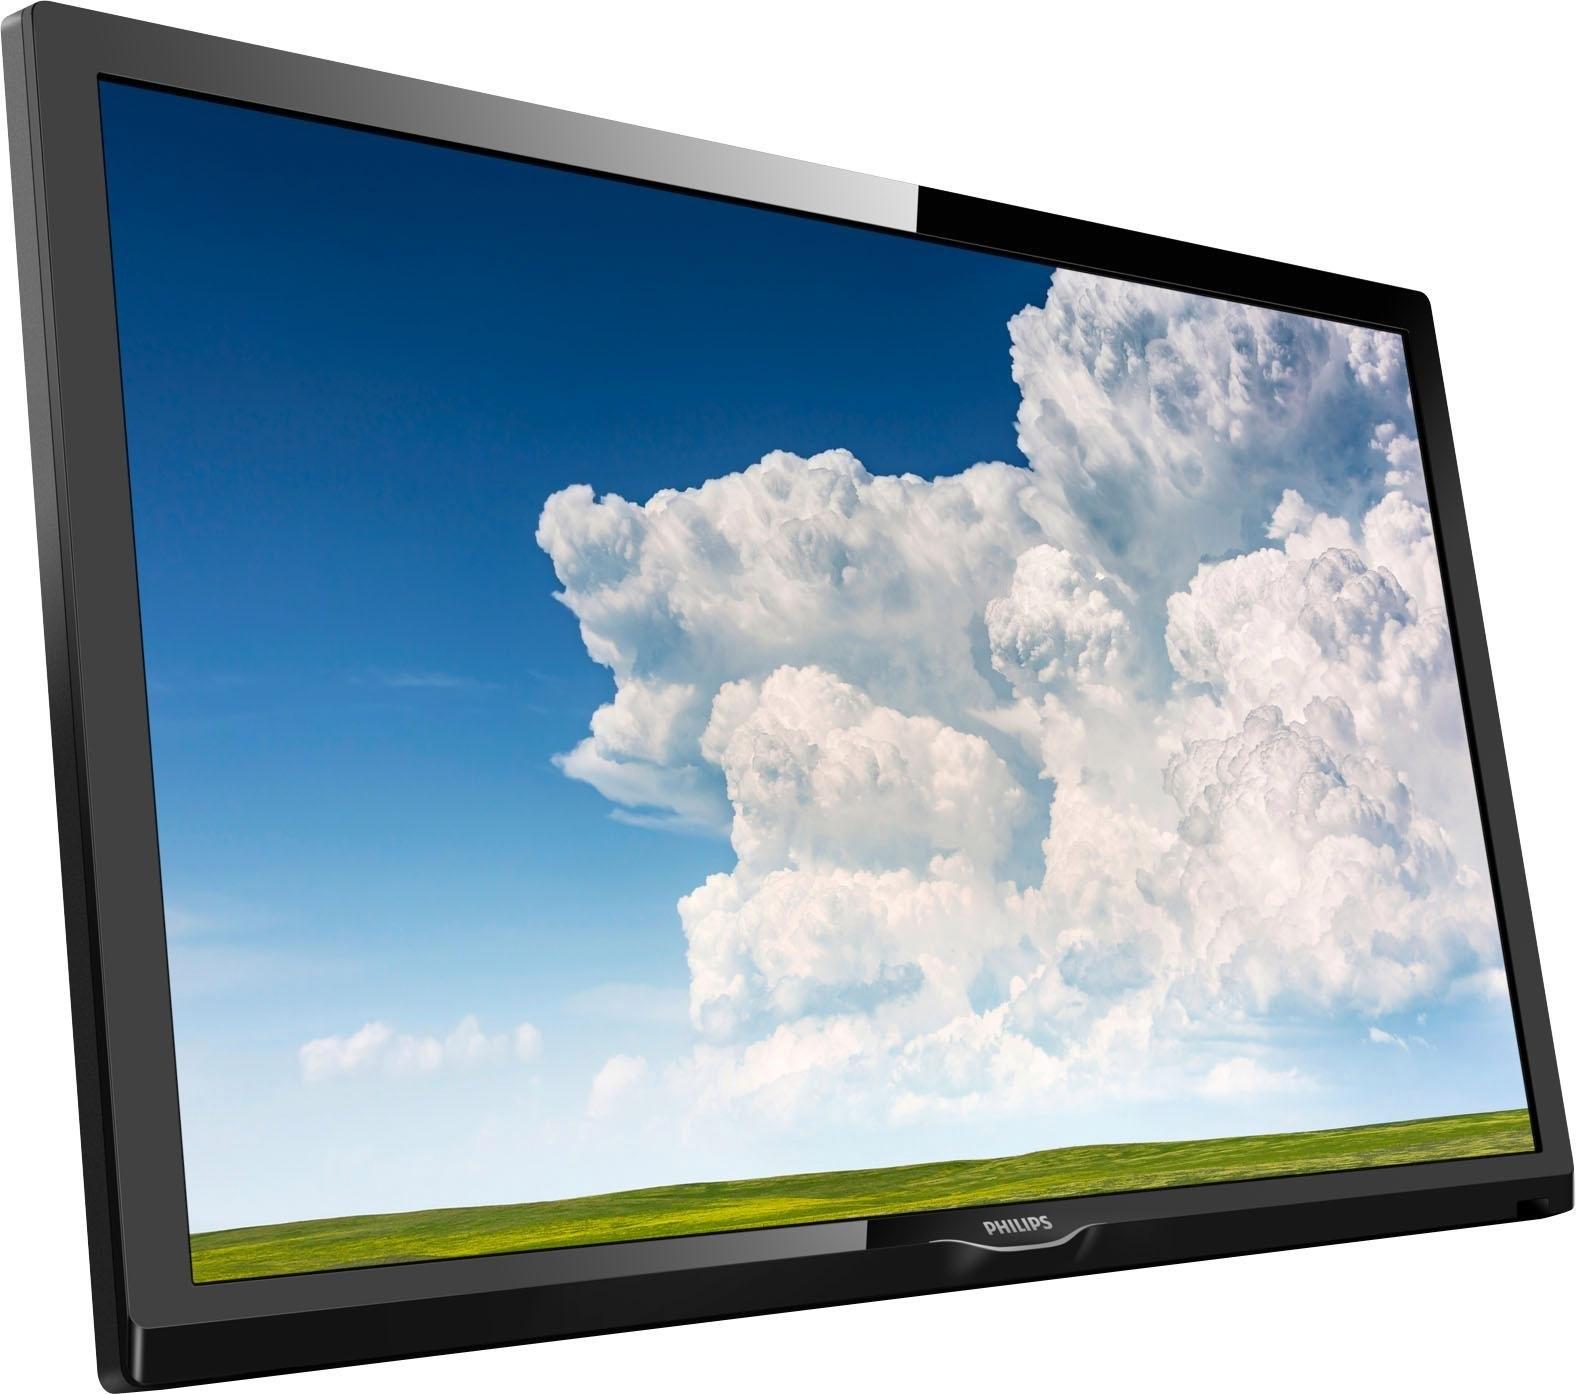 Philips 24PHS4304/12 led-tv (60 cm / (24 inch), HD veilig op otto.nl kopen